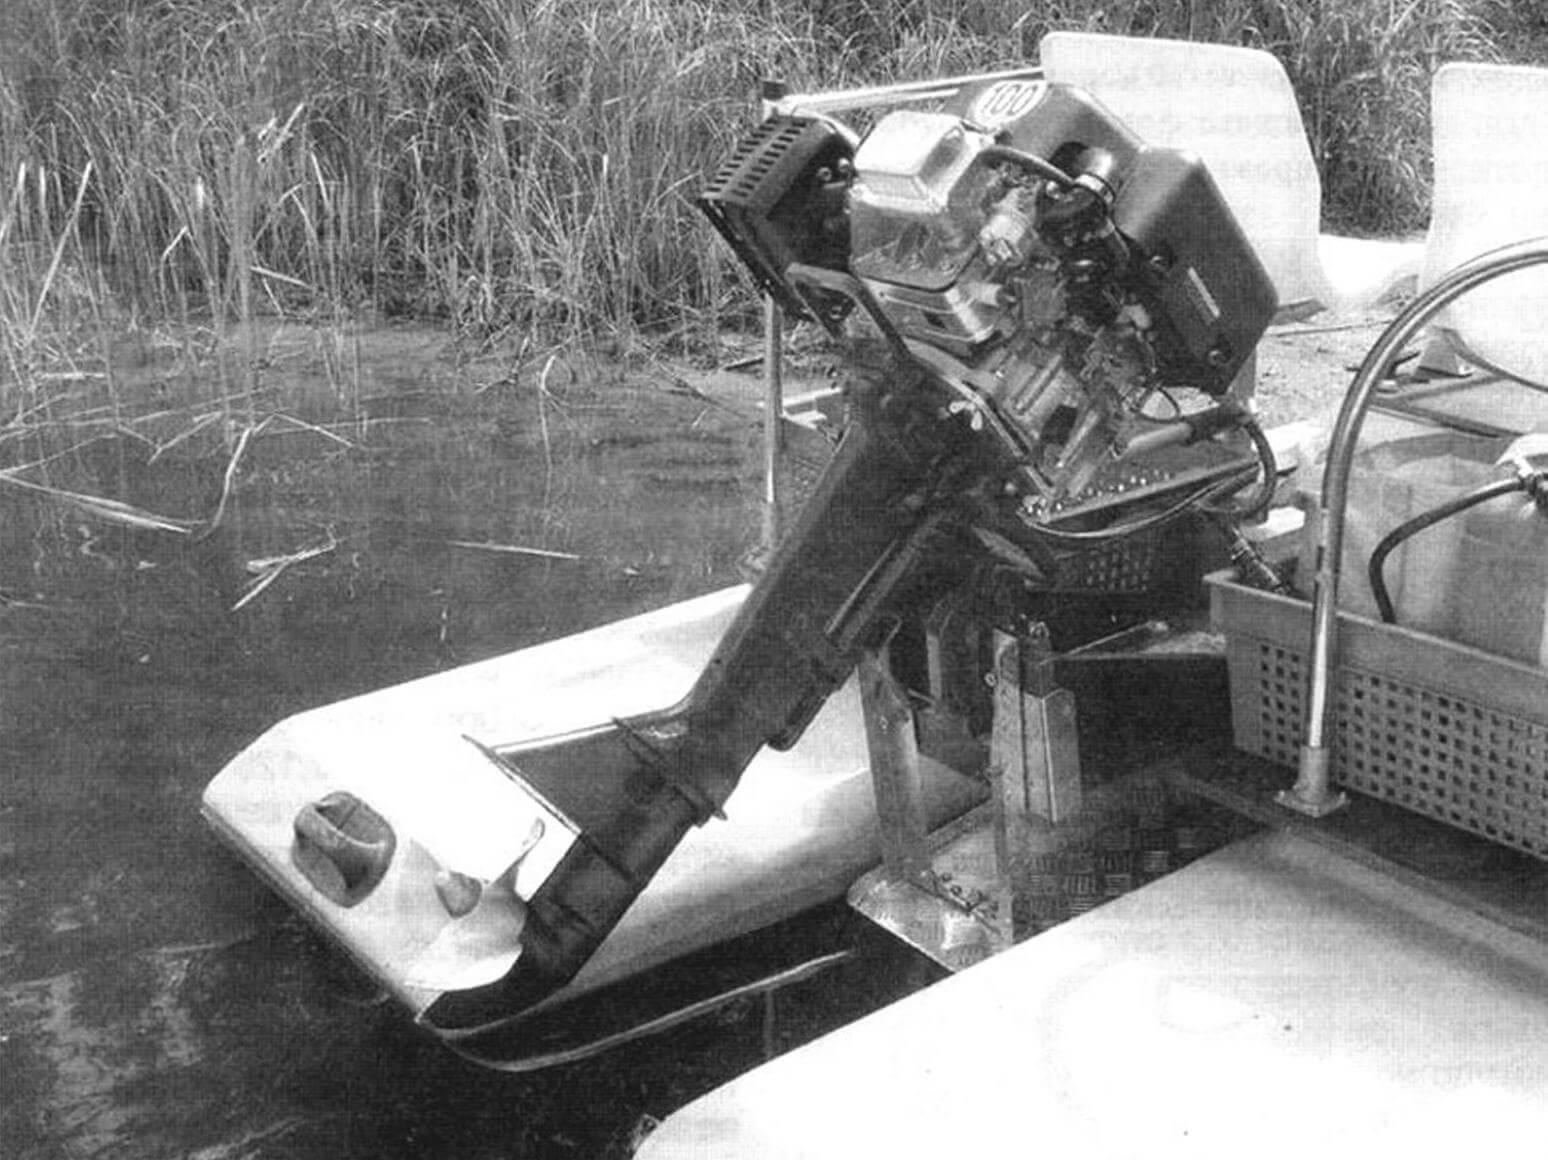 Мотор собран на транце катамарана. Кстати, между поплавками видно еще одно полезное изобретение - складной регулируемый гидроотбойник